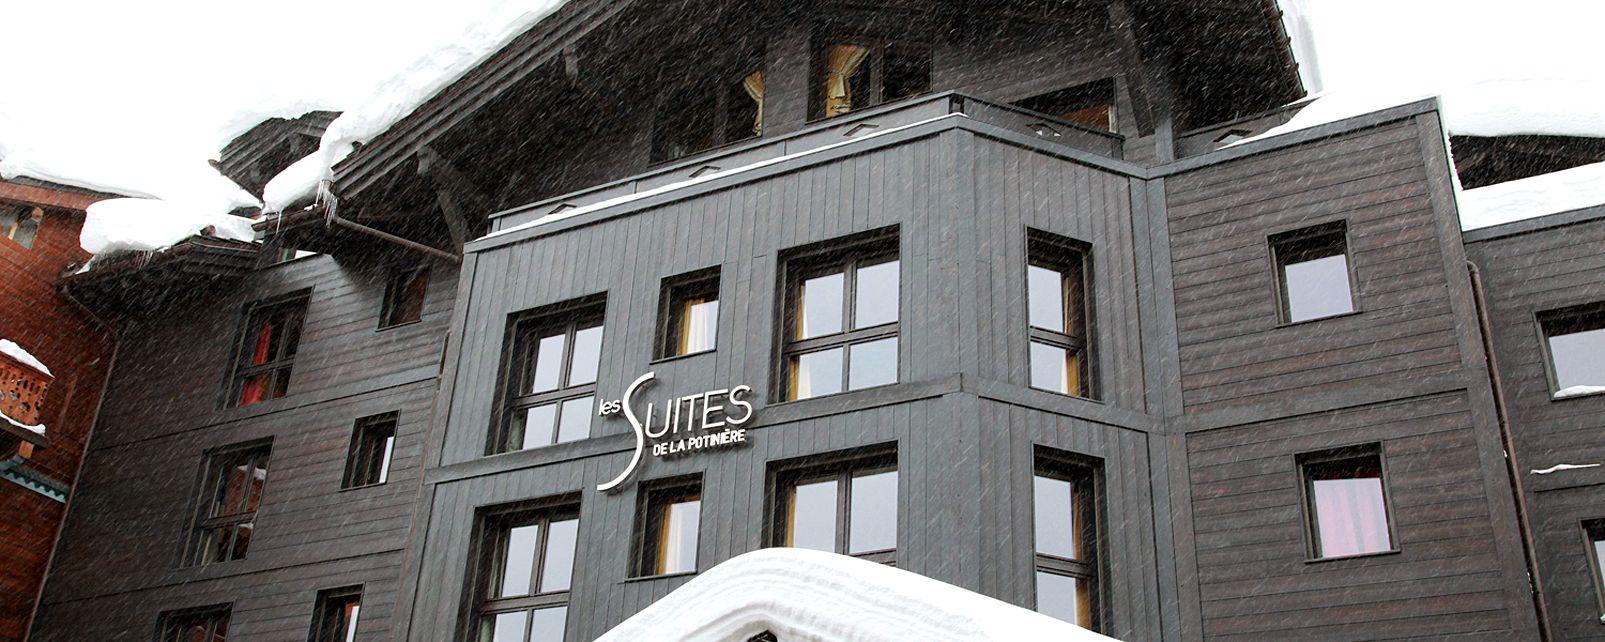 Hotel Les Suites de la Potinière